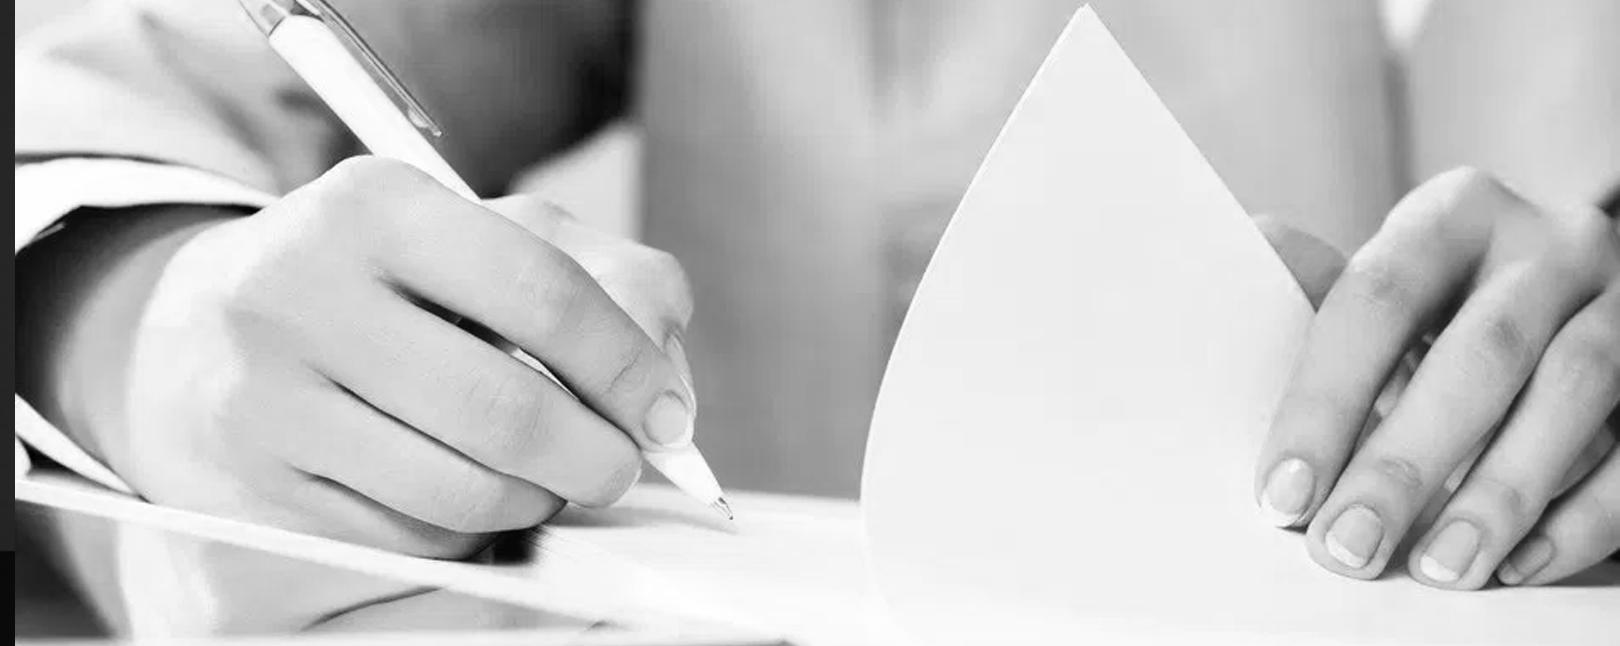 Quali sono le leggi applicabili nei contratti internazionali?